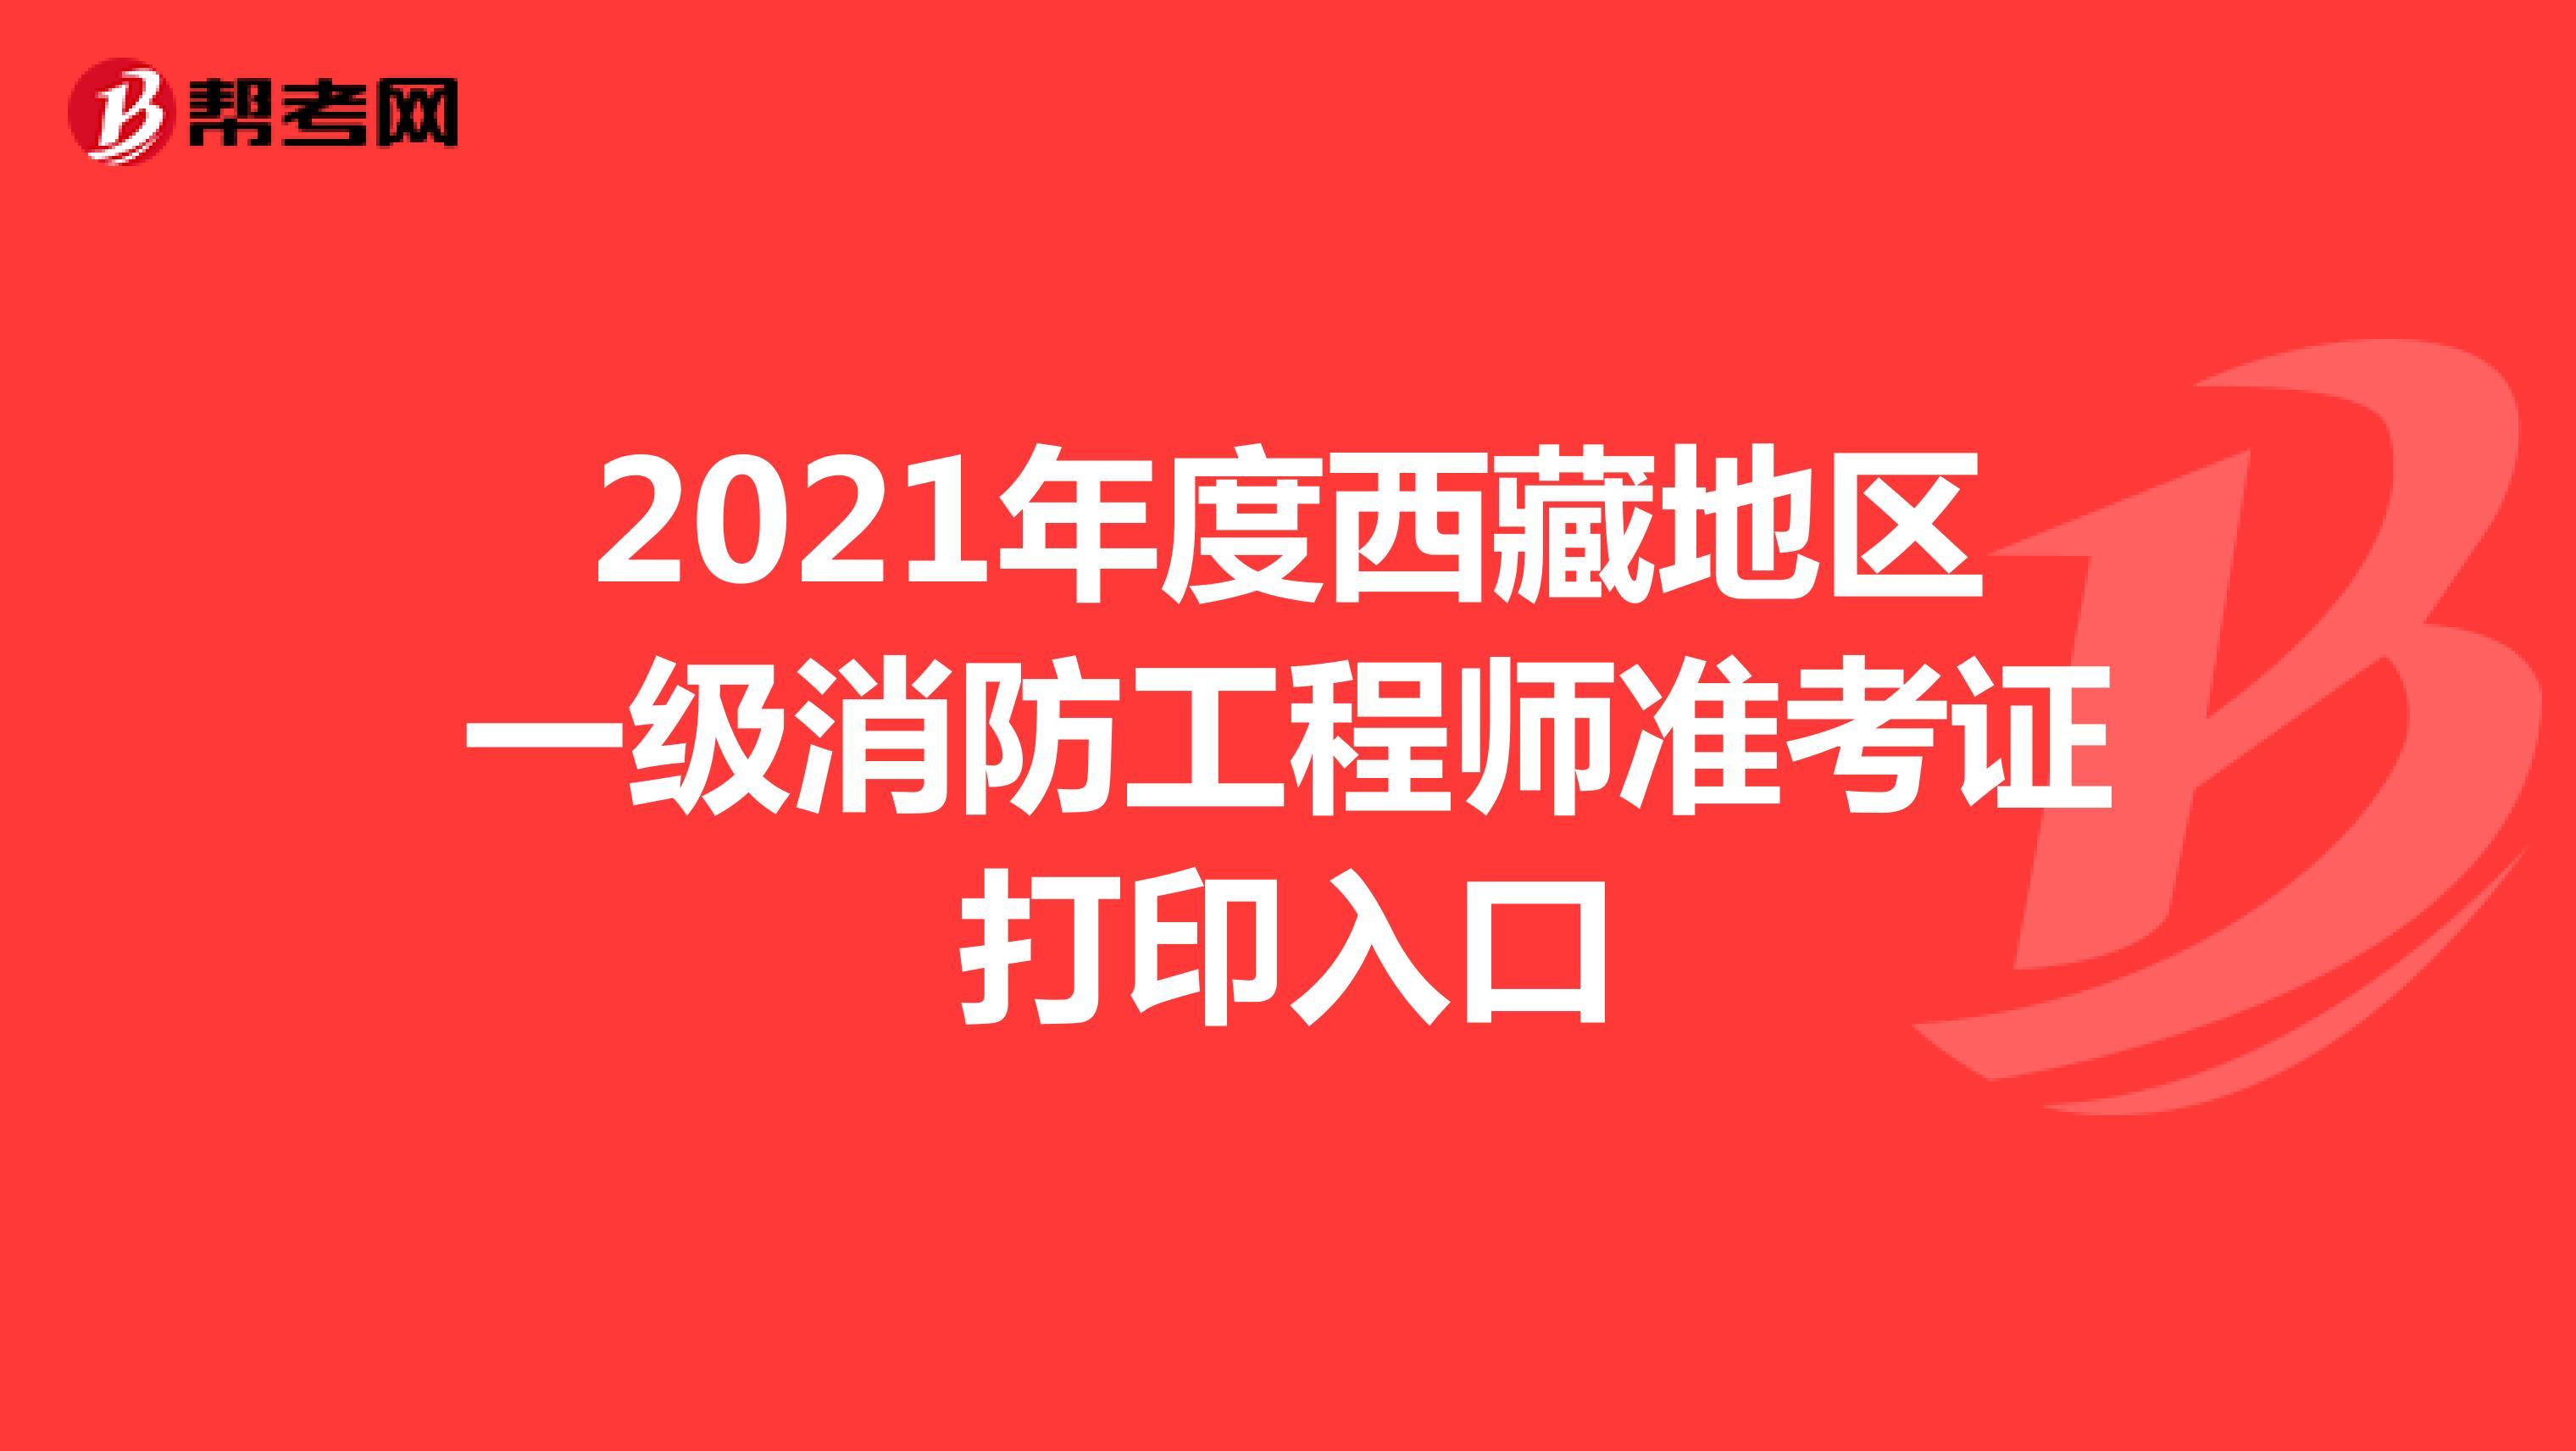 2021年度西藏地区一级消防工程师准考证打印入口